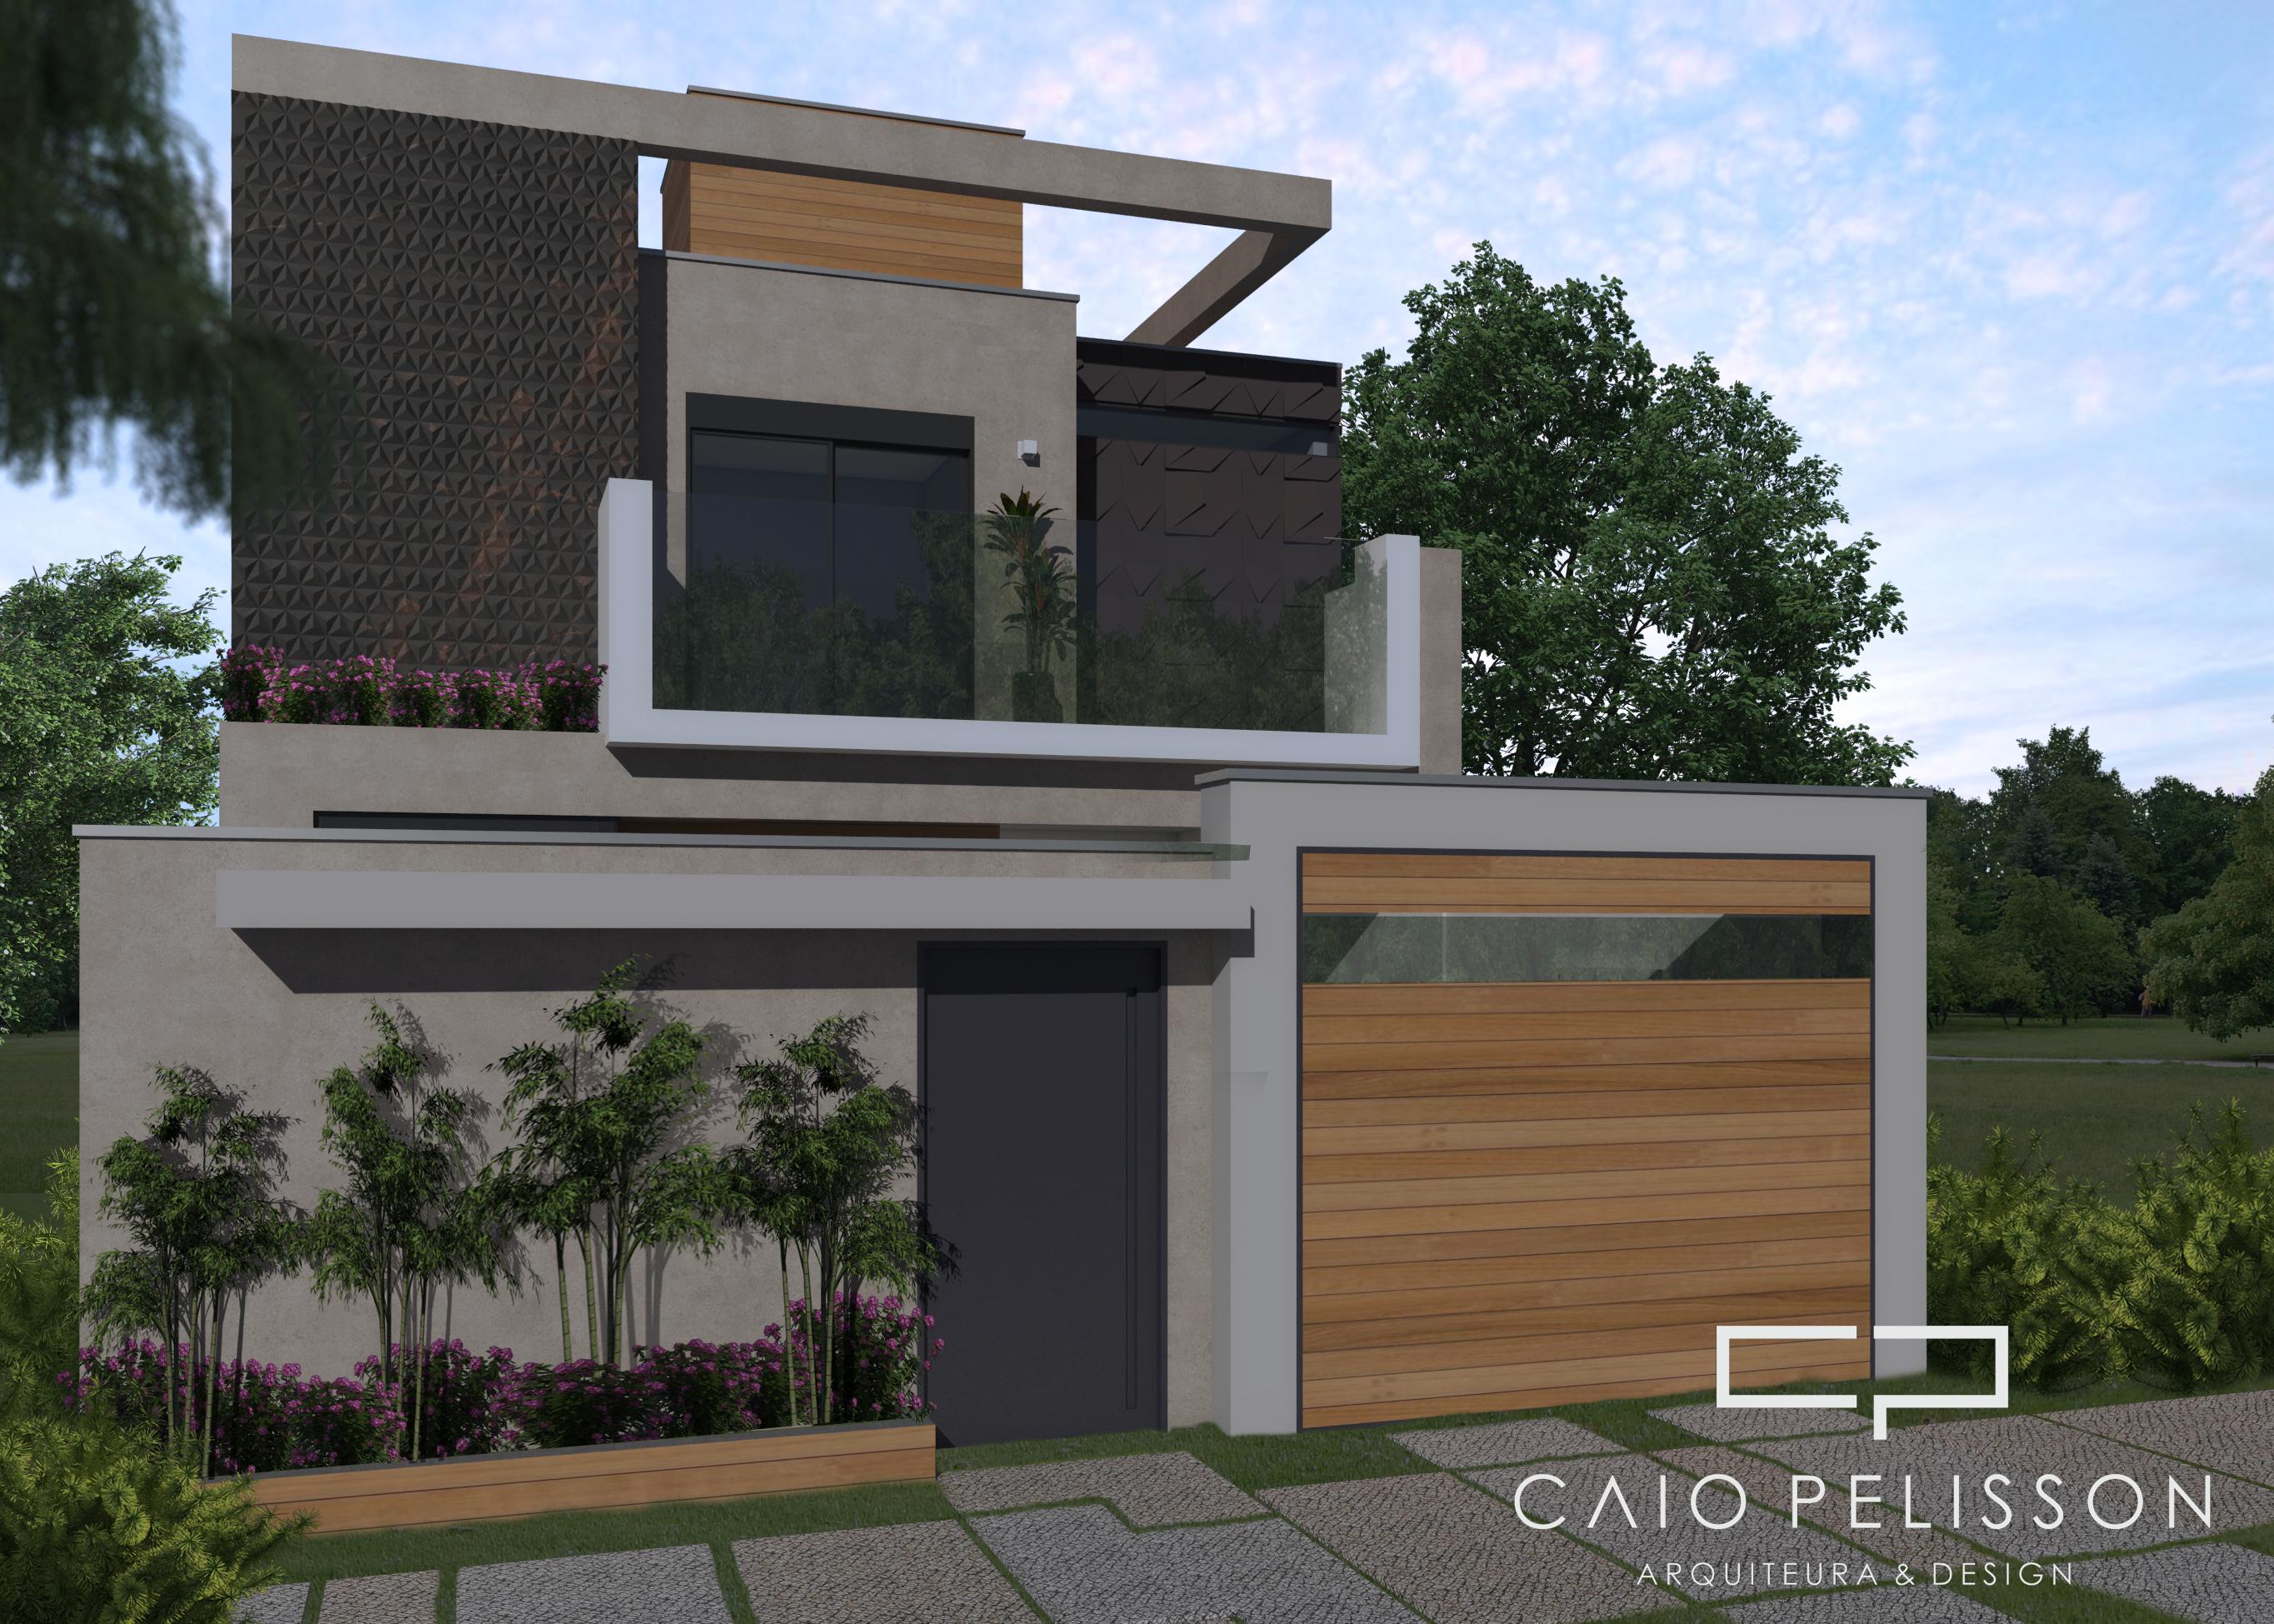 Fachada de casa sobrado moderna terreno 8x25 contempor nea for Casa moderna 60 metros